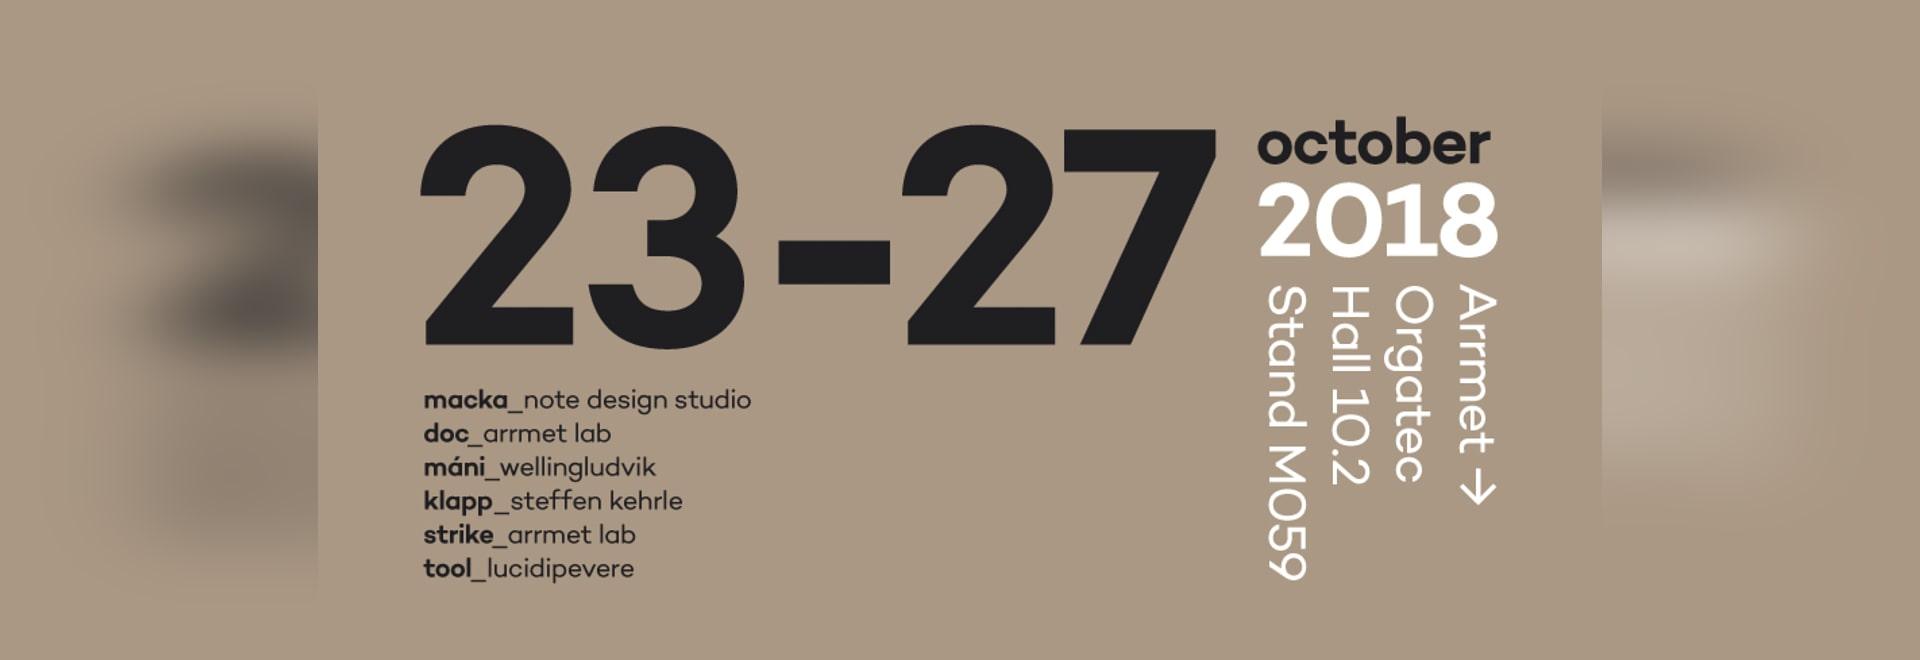 Arrmet trae diseño internacional a Orgatec. El estudio del diseño de la nota, LucidiPevere, WellingLudvik, Steffen Kehrle diseñó las colecciones que serán exhibidas por la marca italiana histórica ...